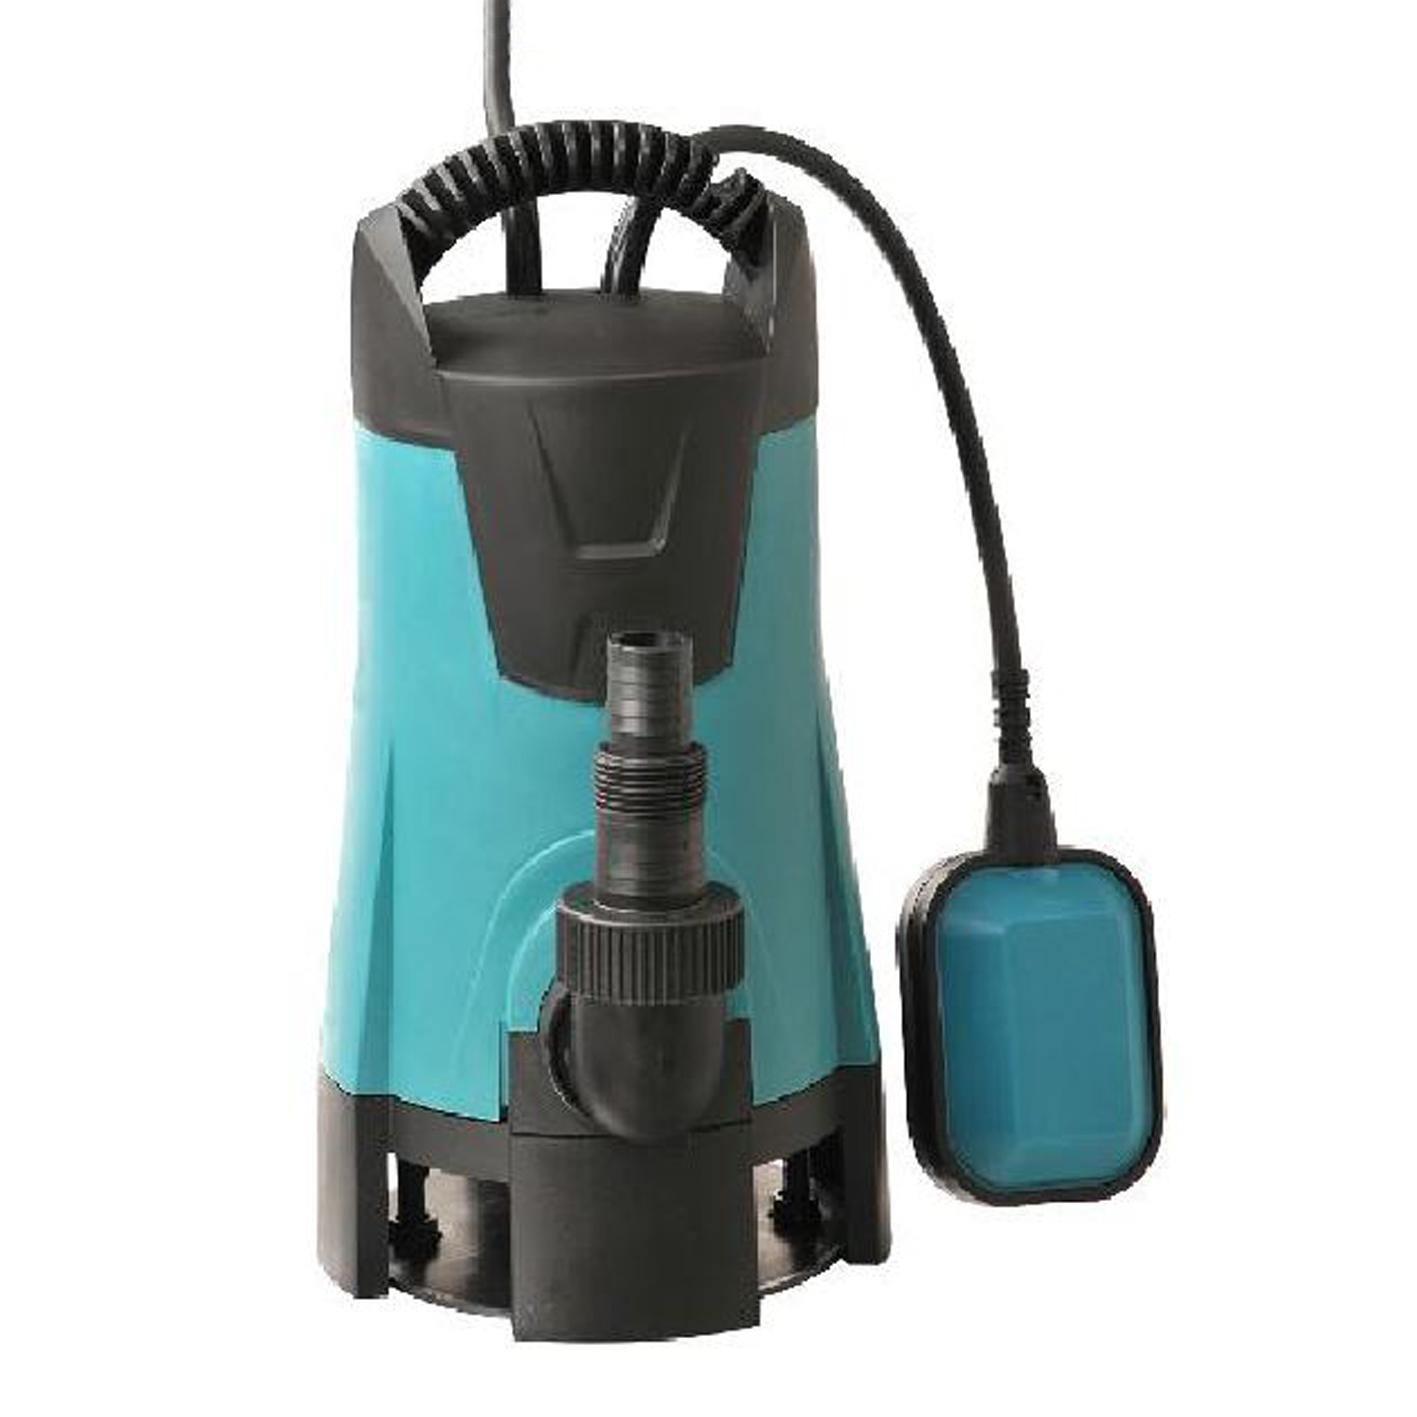 Momentum PKS 750PW Pis Su Drenaj Pompası